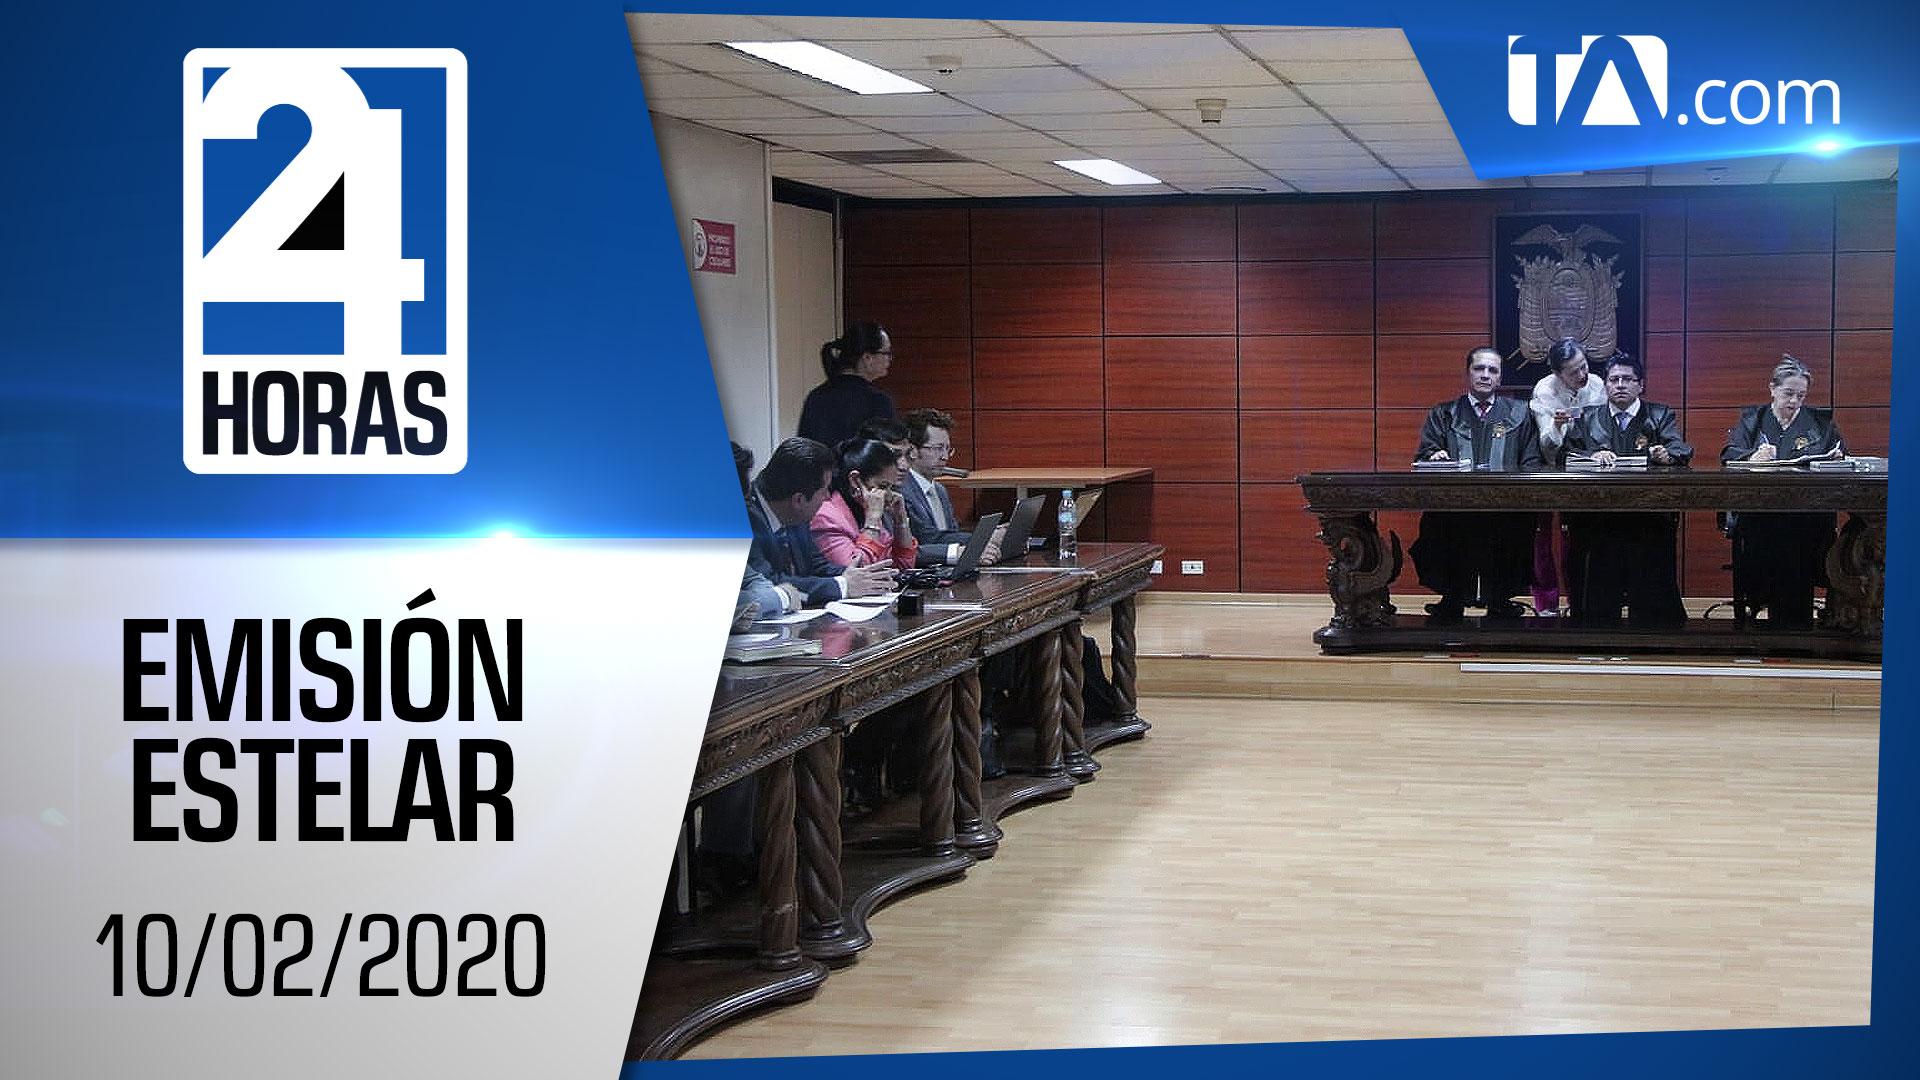 Noticiero 24 Horas, 10/02/2020 (Emisión Estelar)